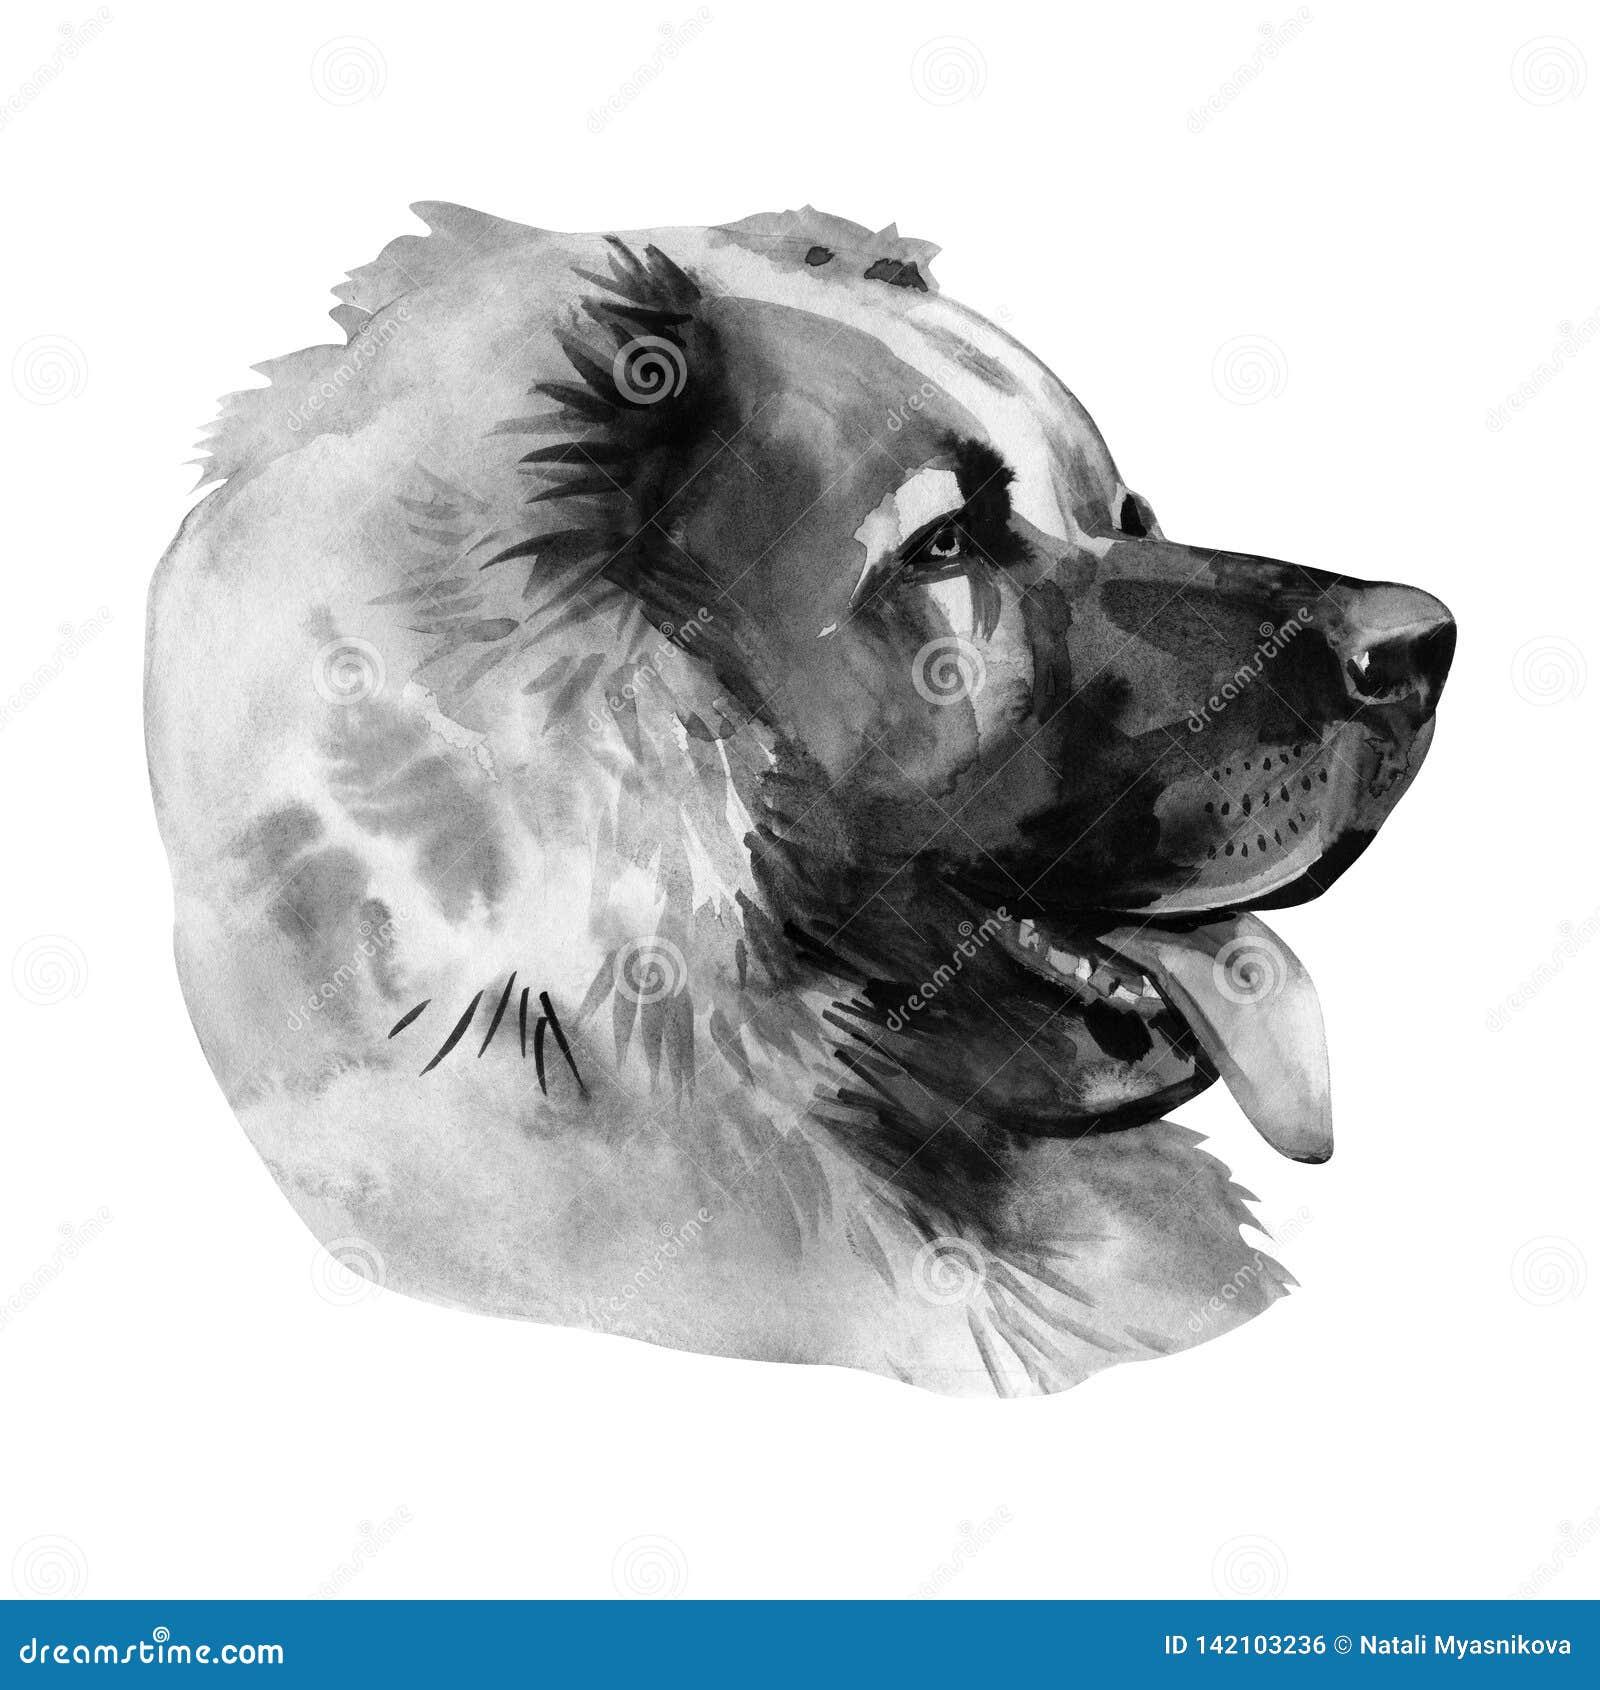 Kaukasischer Schaferhund Portrat Malendes Nasses Aquarell Auf Papier Naive Kunst Abstrakte Kunst Zeichnungsaquarell Auf Papier Stockfoto Bild Von Papier Abstrakte 142103236